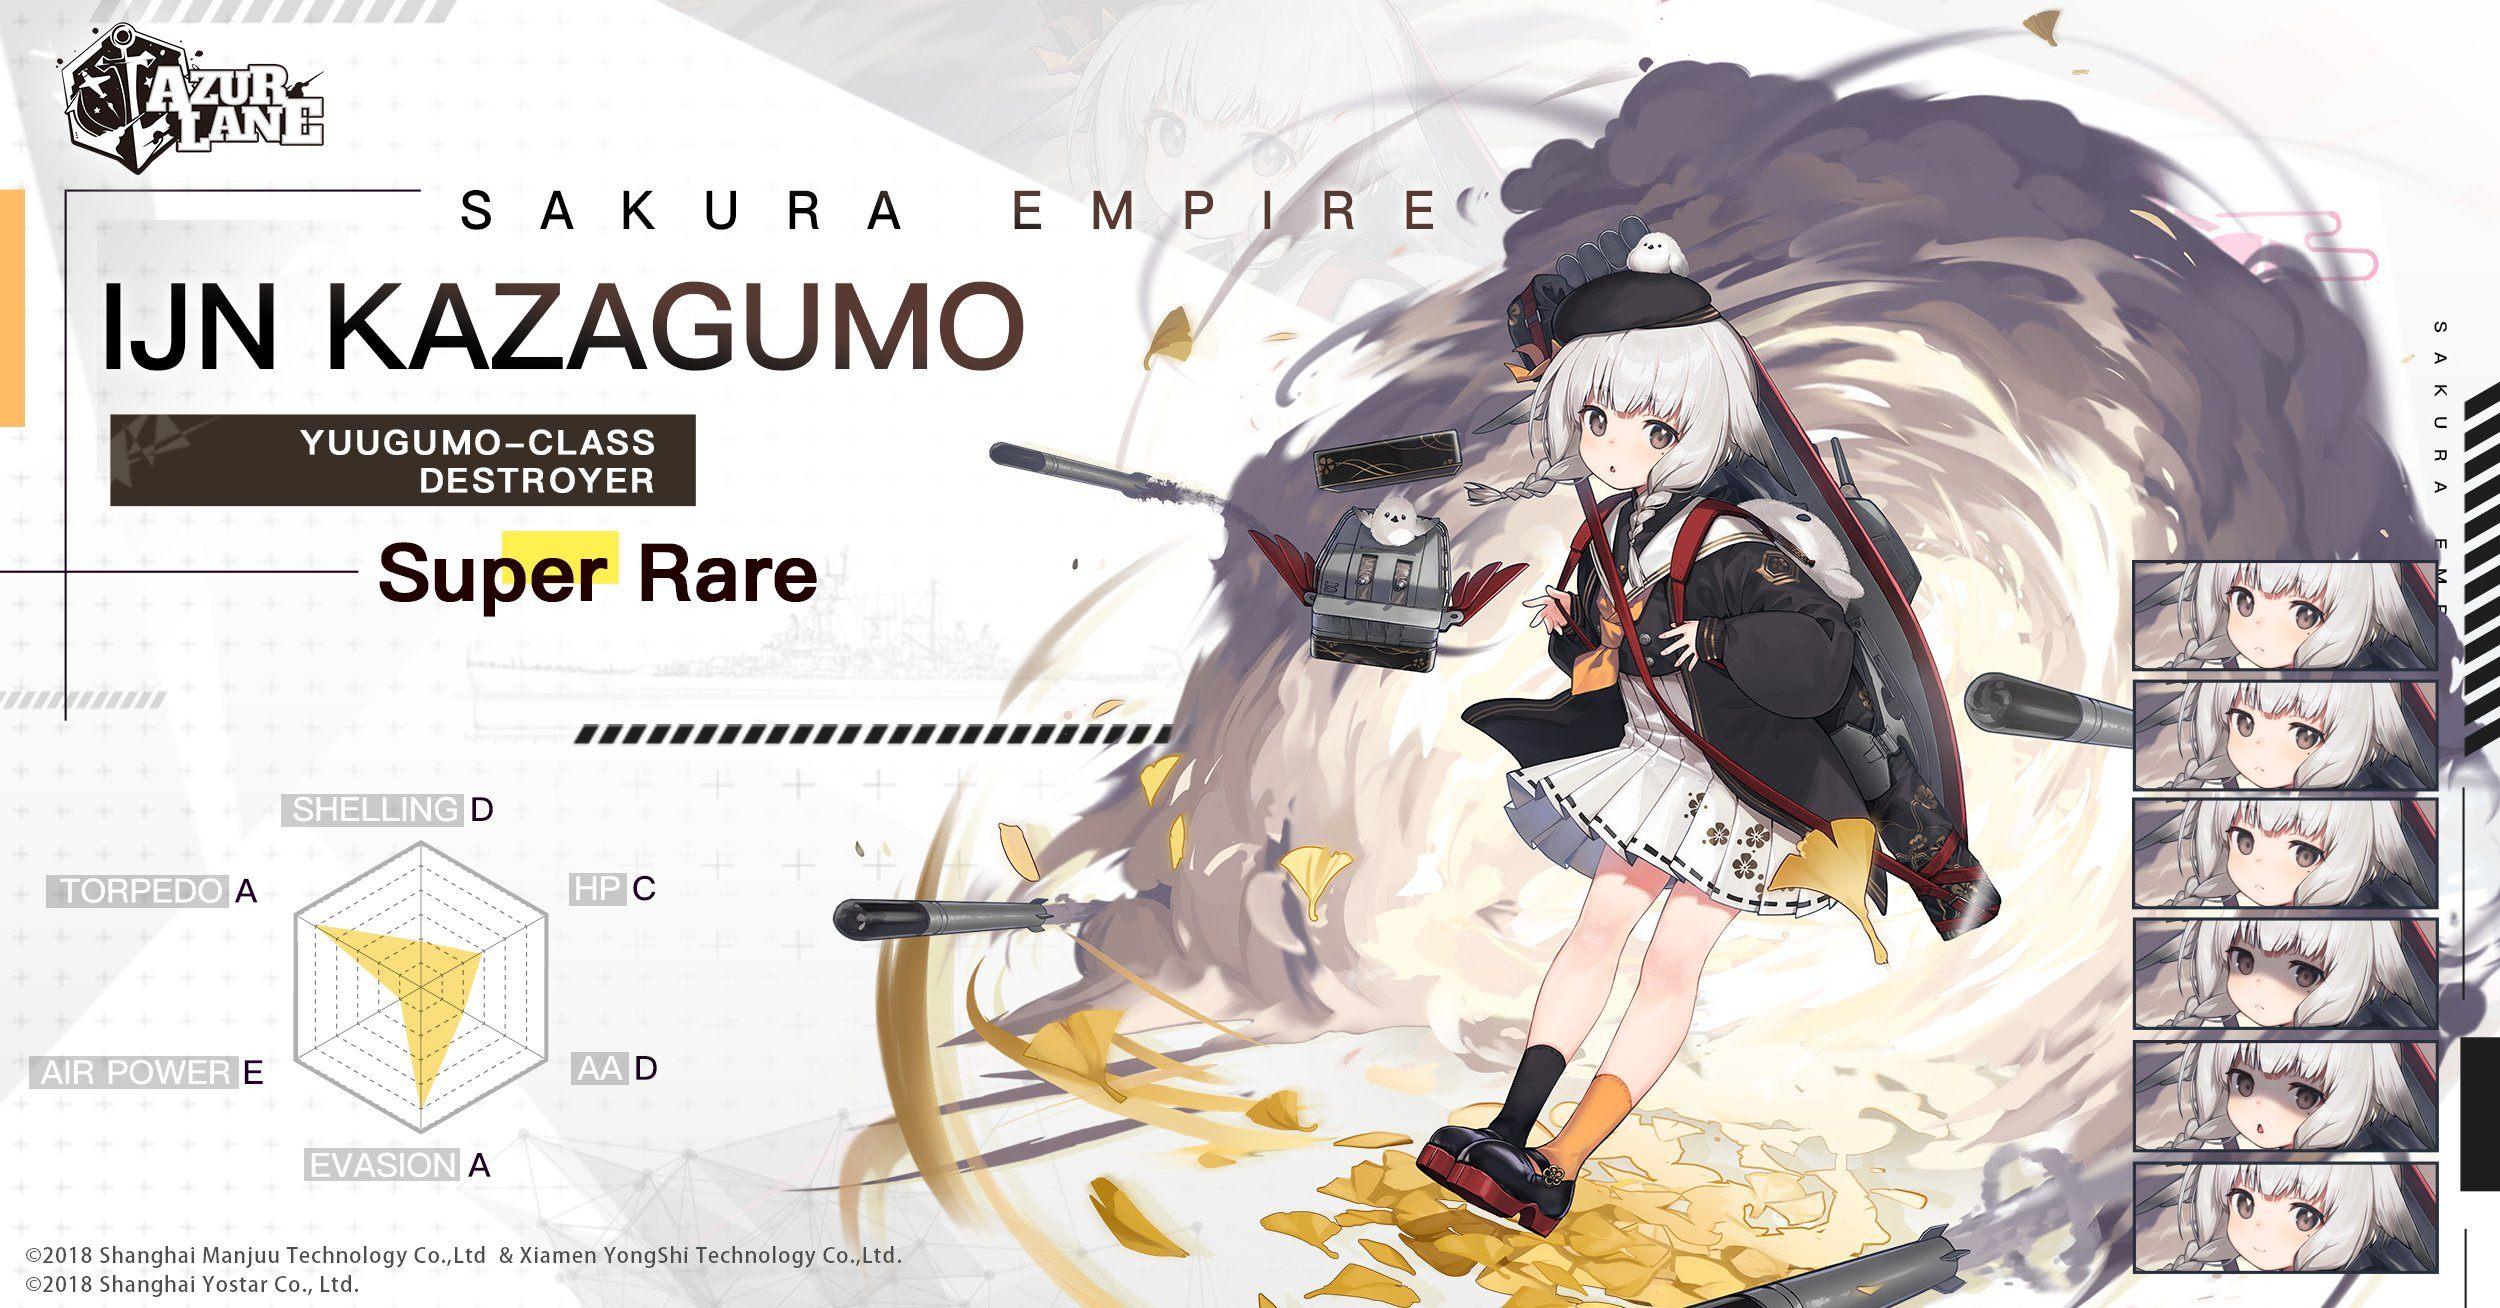 Azur Lane: New Characters Kazagumo and Shirayuki, New Events, Skins, and More